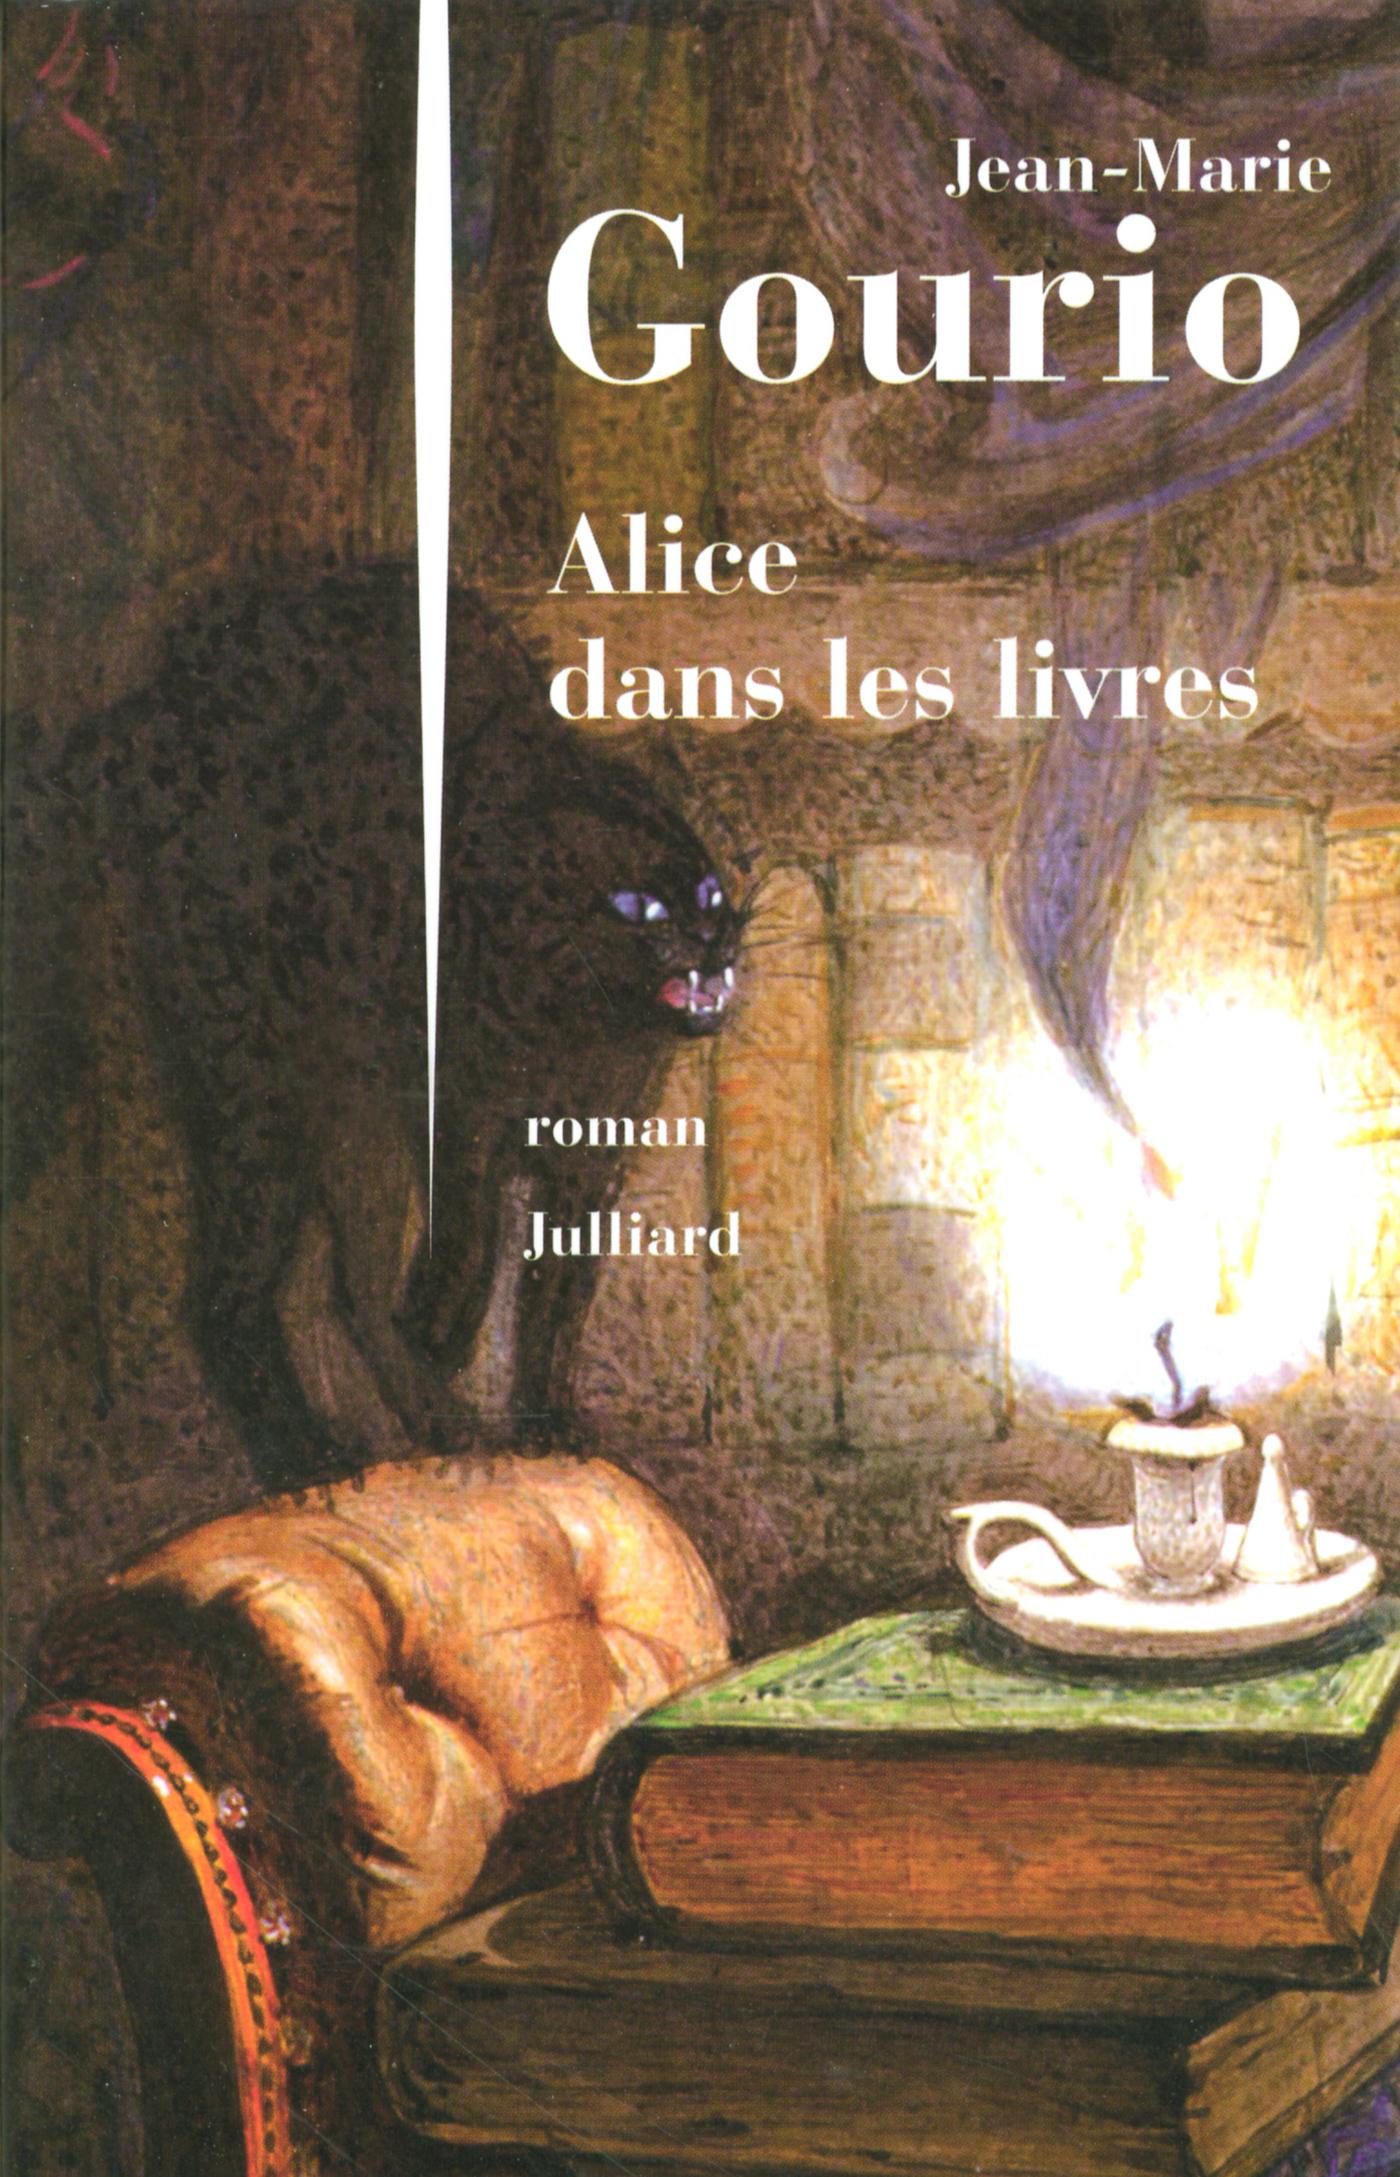 Alice dans les livres | GOURIO, Jean-Marie